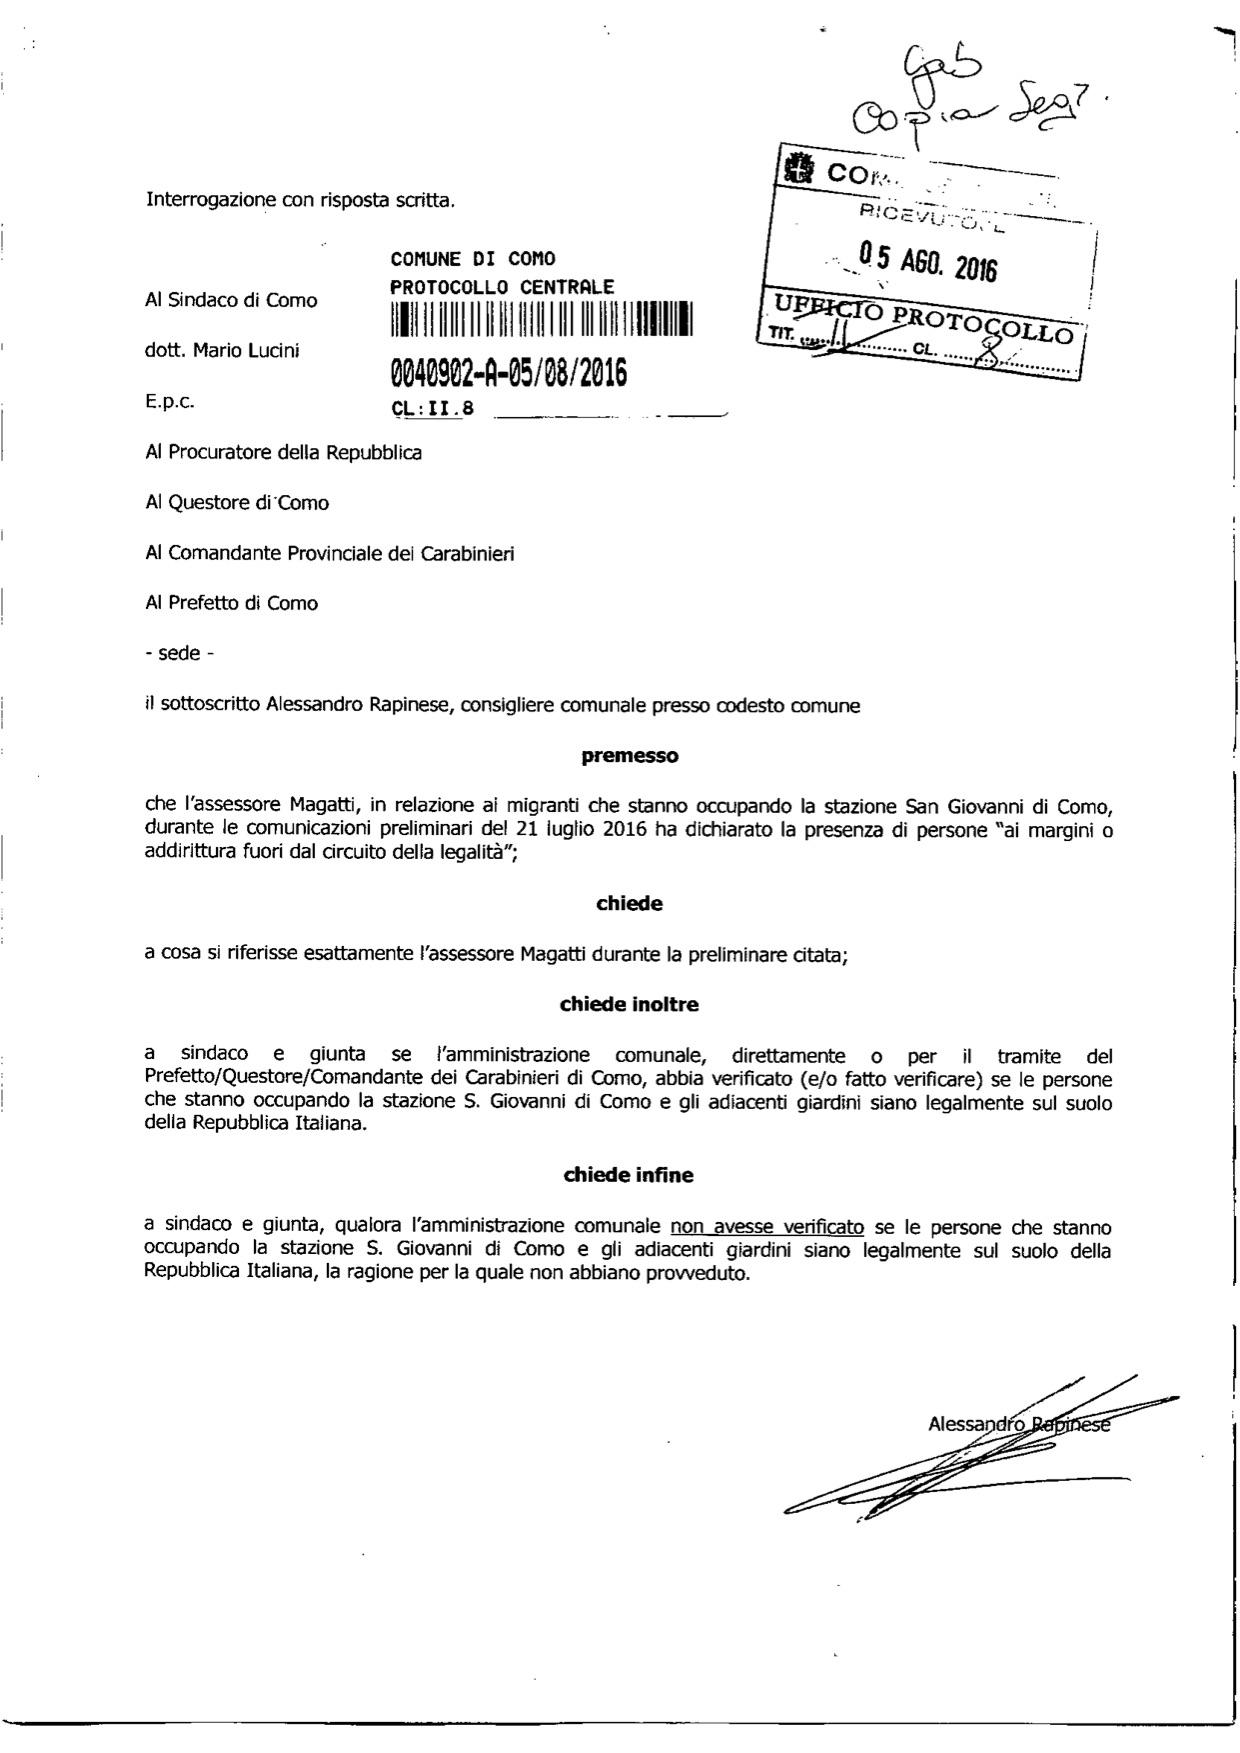 5 agosto 2016 - Interrogazione legalità dimoranti stazione